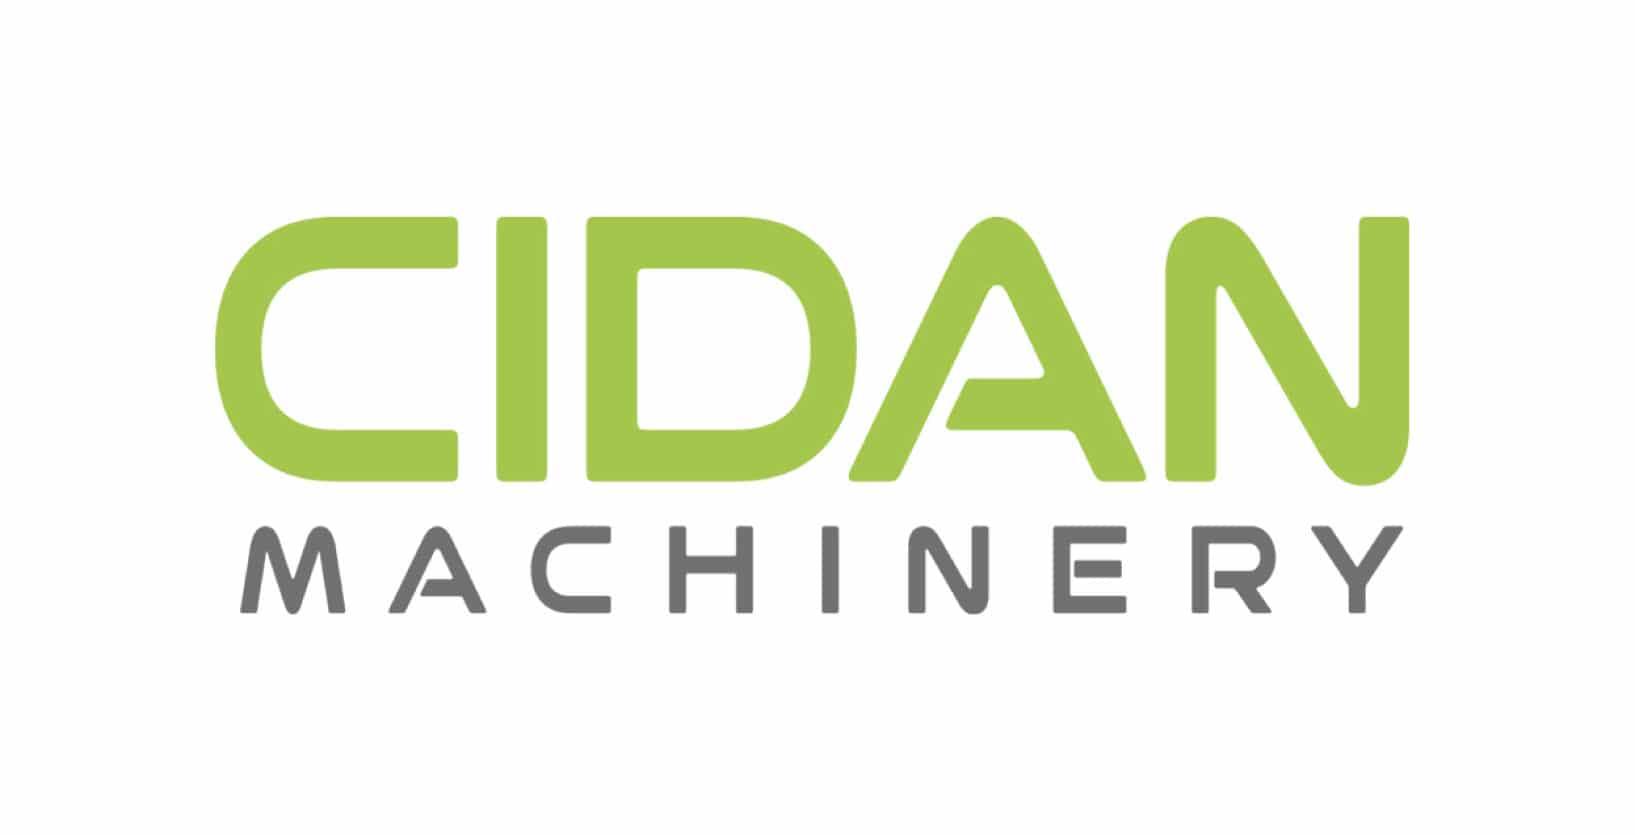 CIDAN Machinery